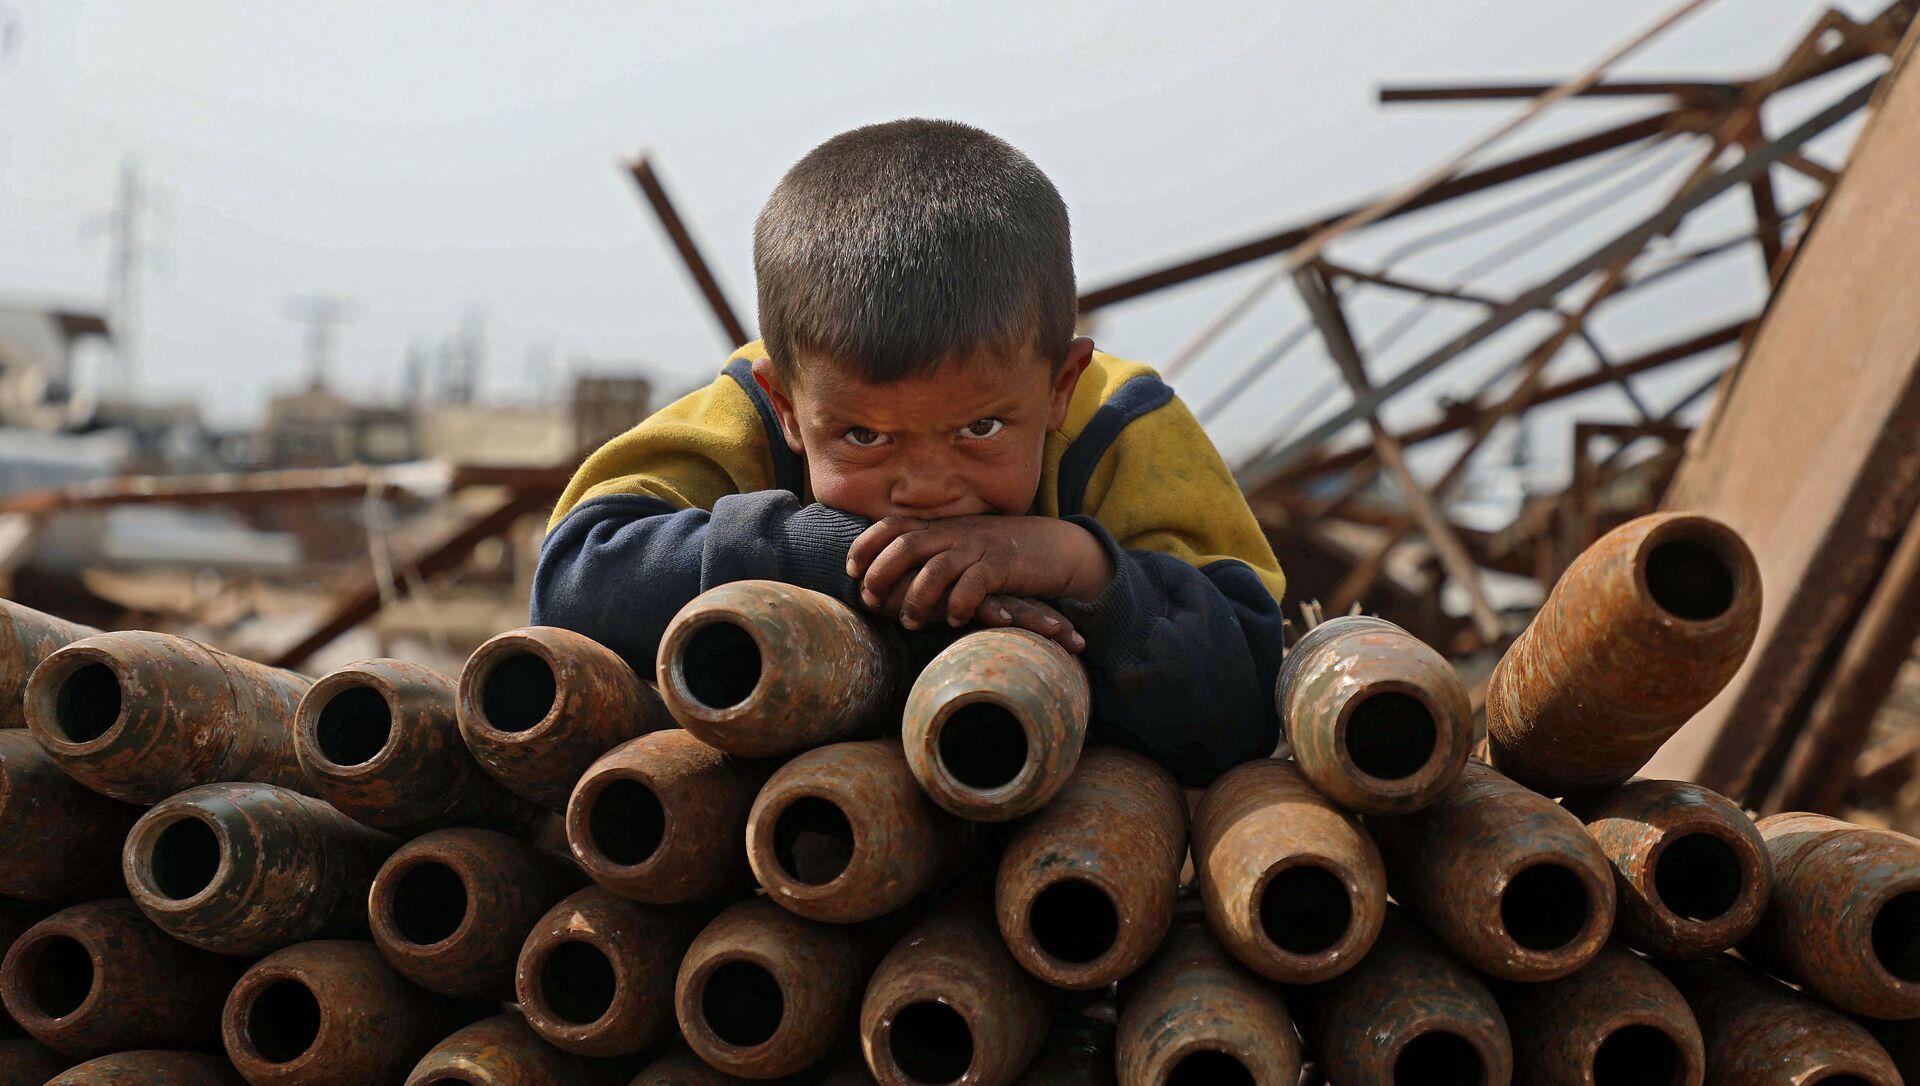 Đứa trẻ bên đống vỏ đạn trong bãi phế liệu ở thành phố Maaret-Misrin, tỉnh Idlib, Syria - Sputnik Việt Nam, 1920, 18.03.2021